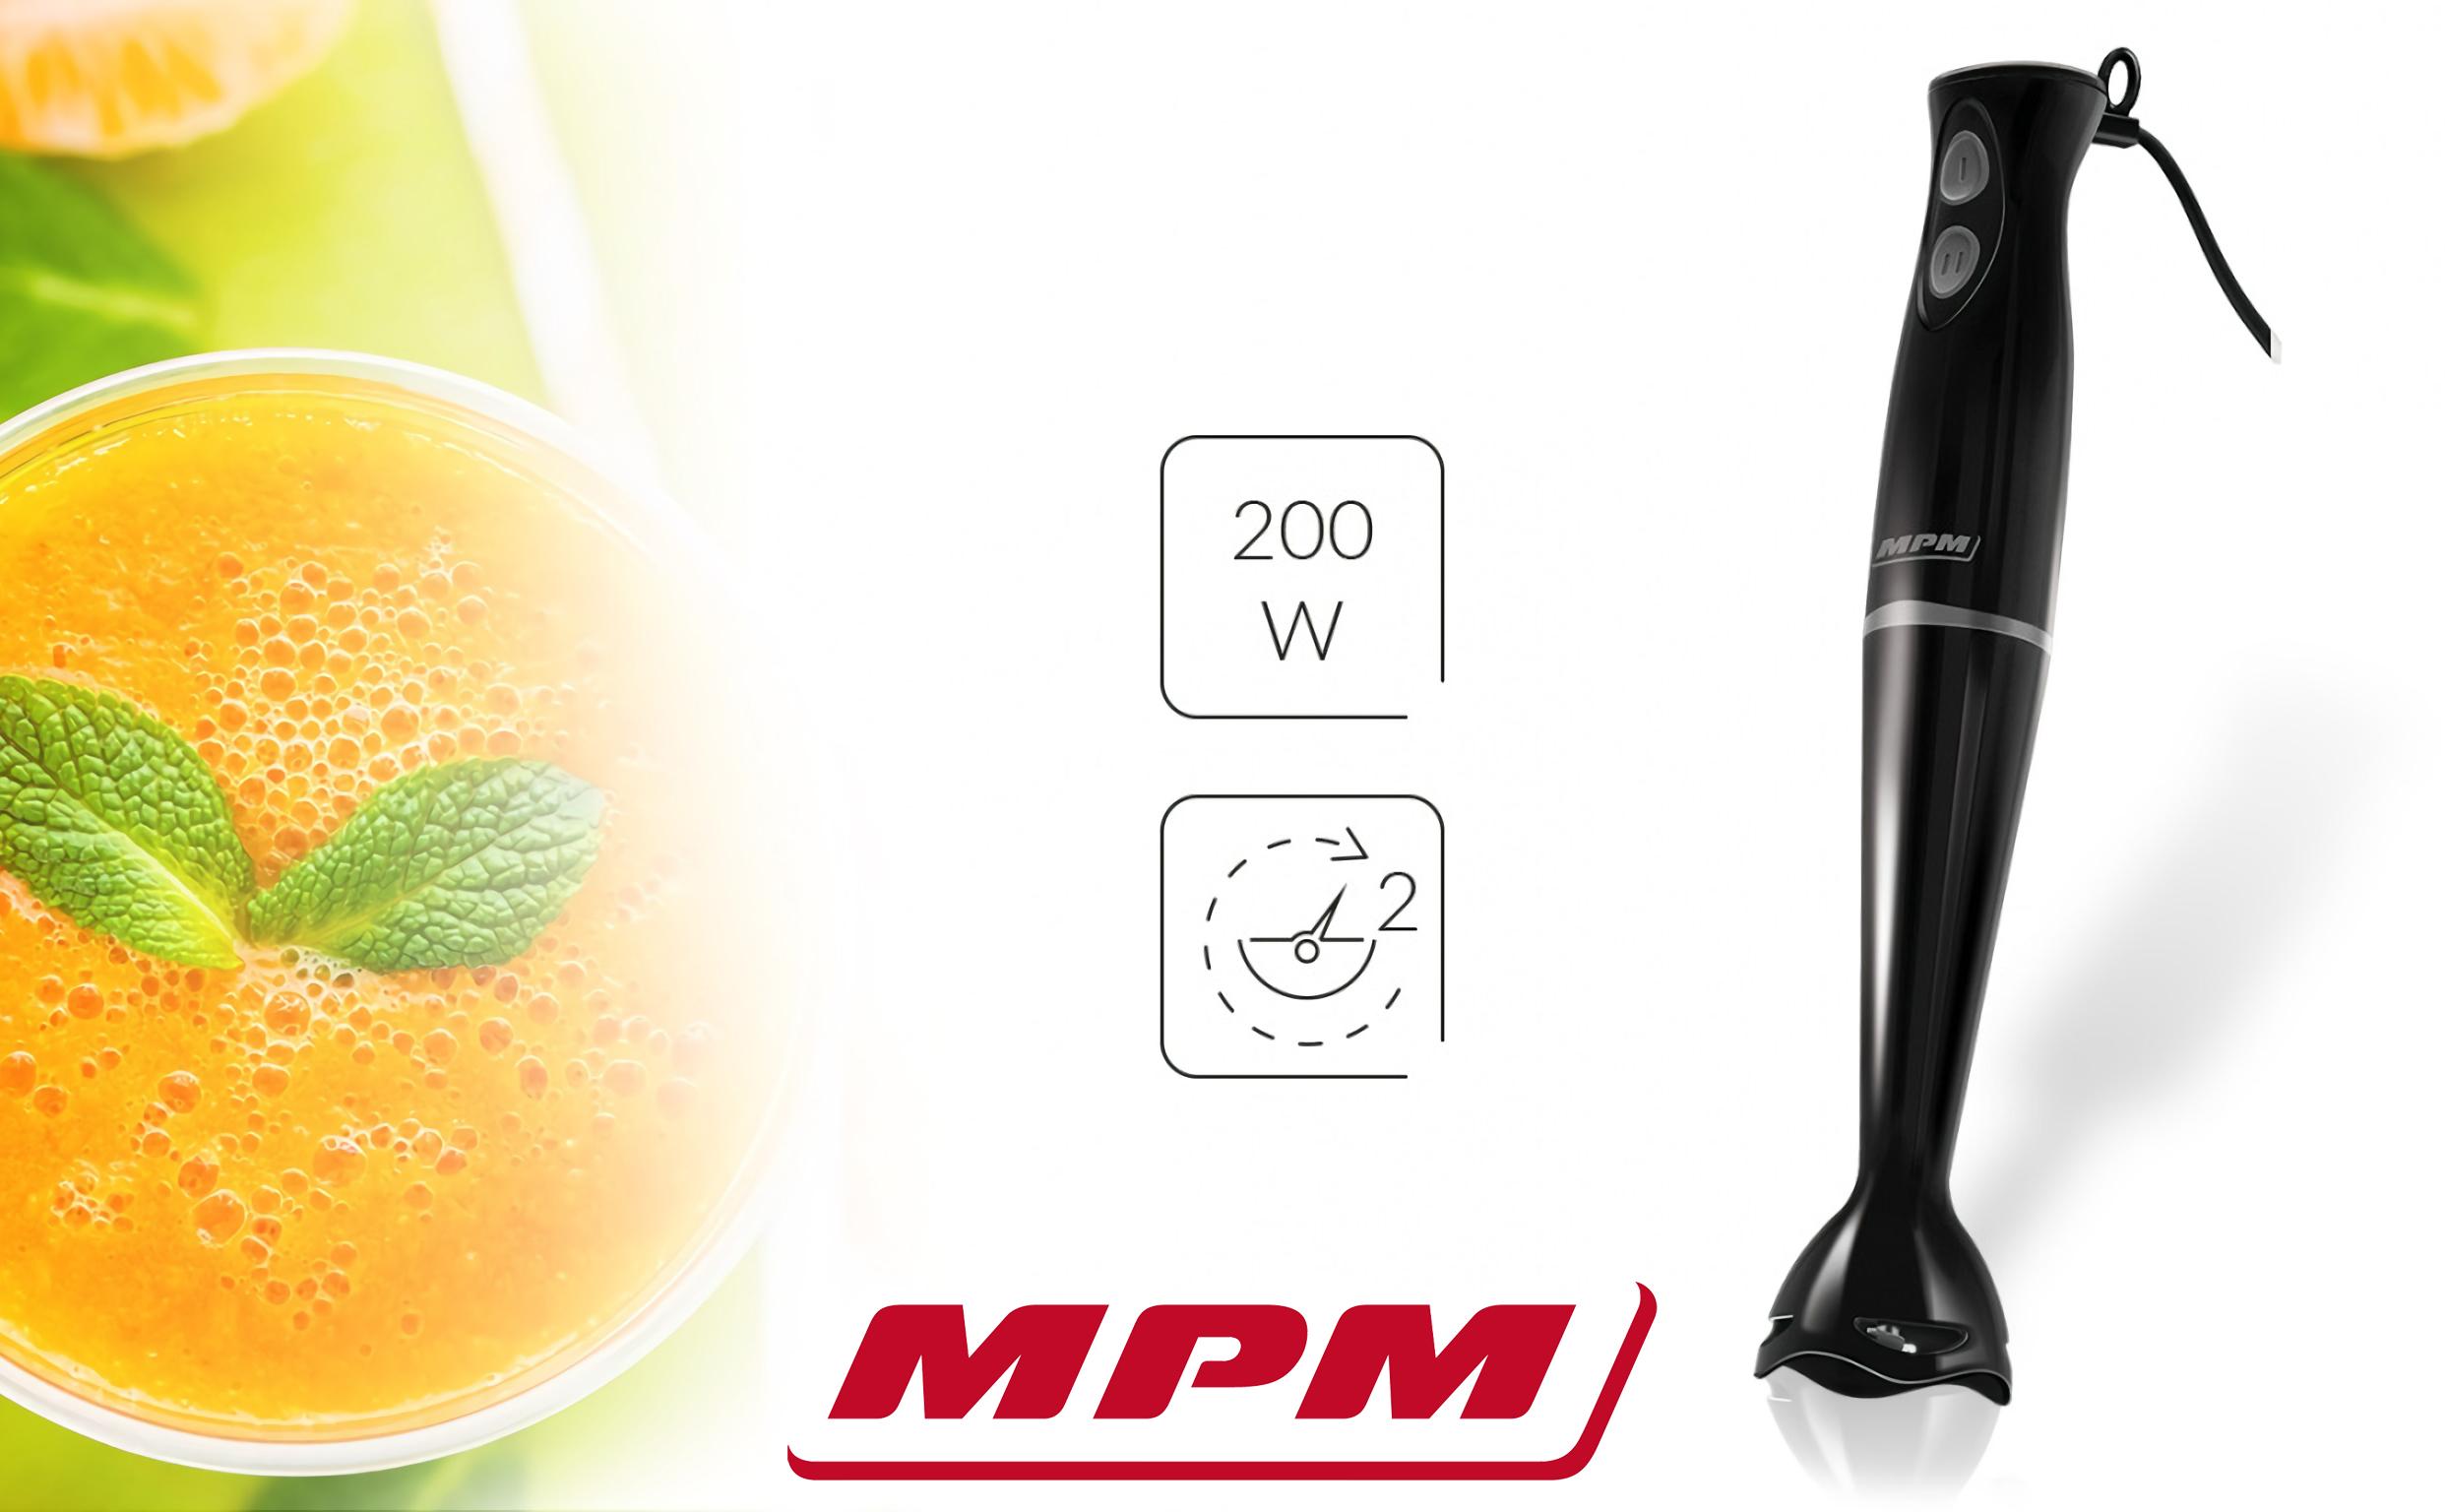 MPM MBL-18C Batidora de Mano con Cuchillas de Acero Inoxidable, 2 Velocidades 200W, negra